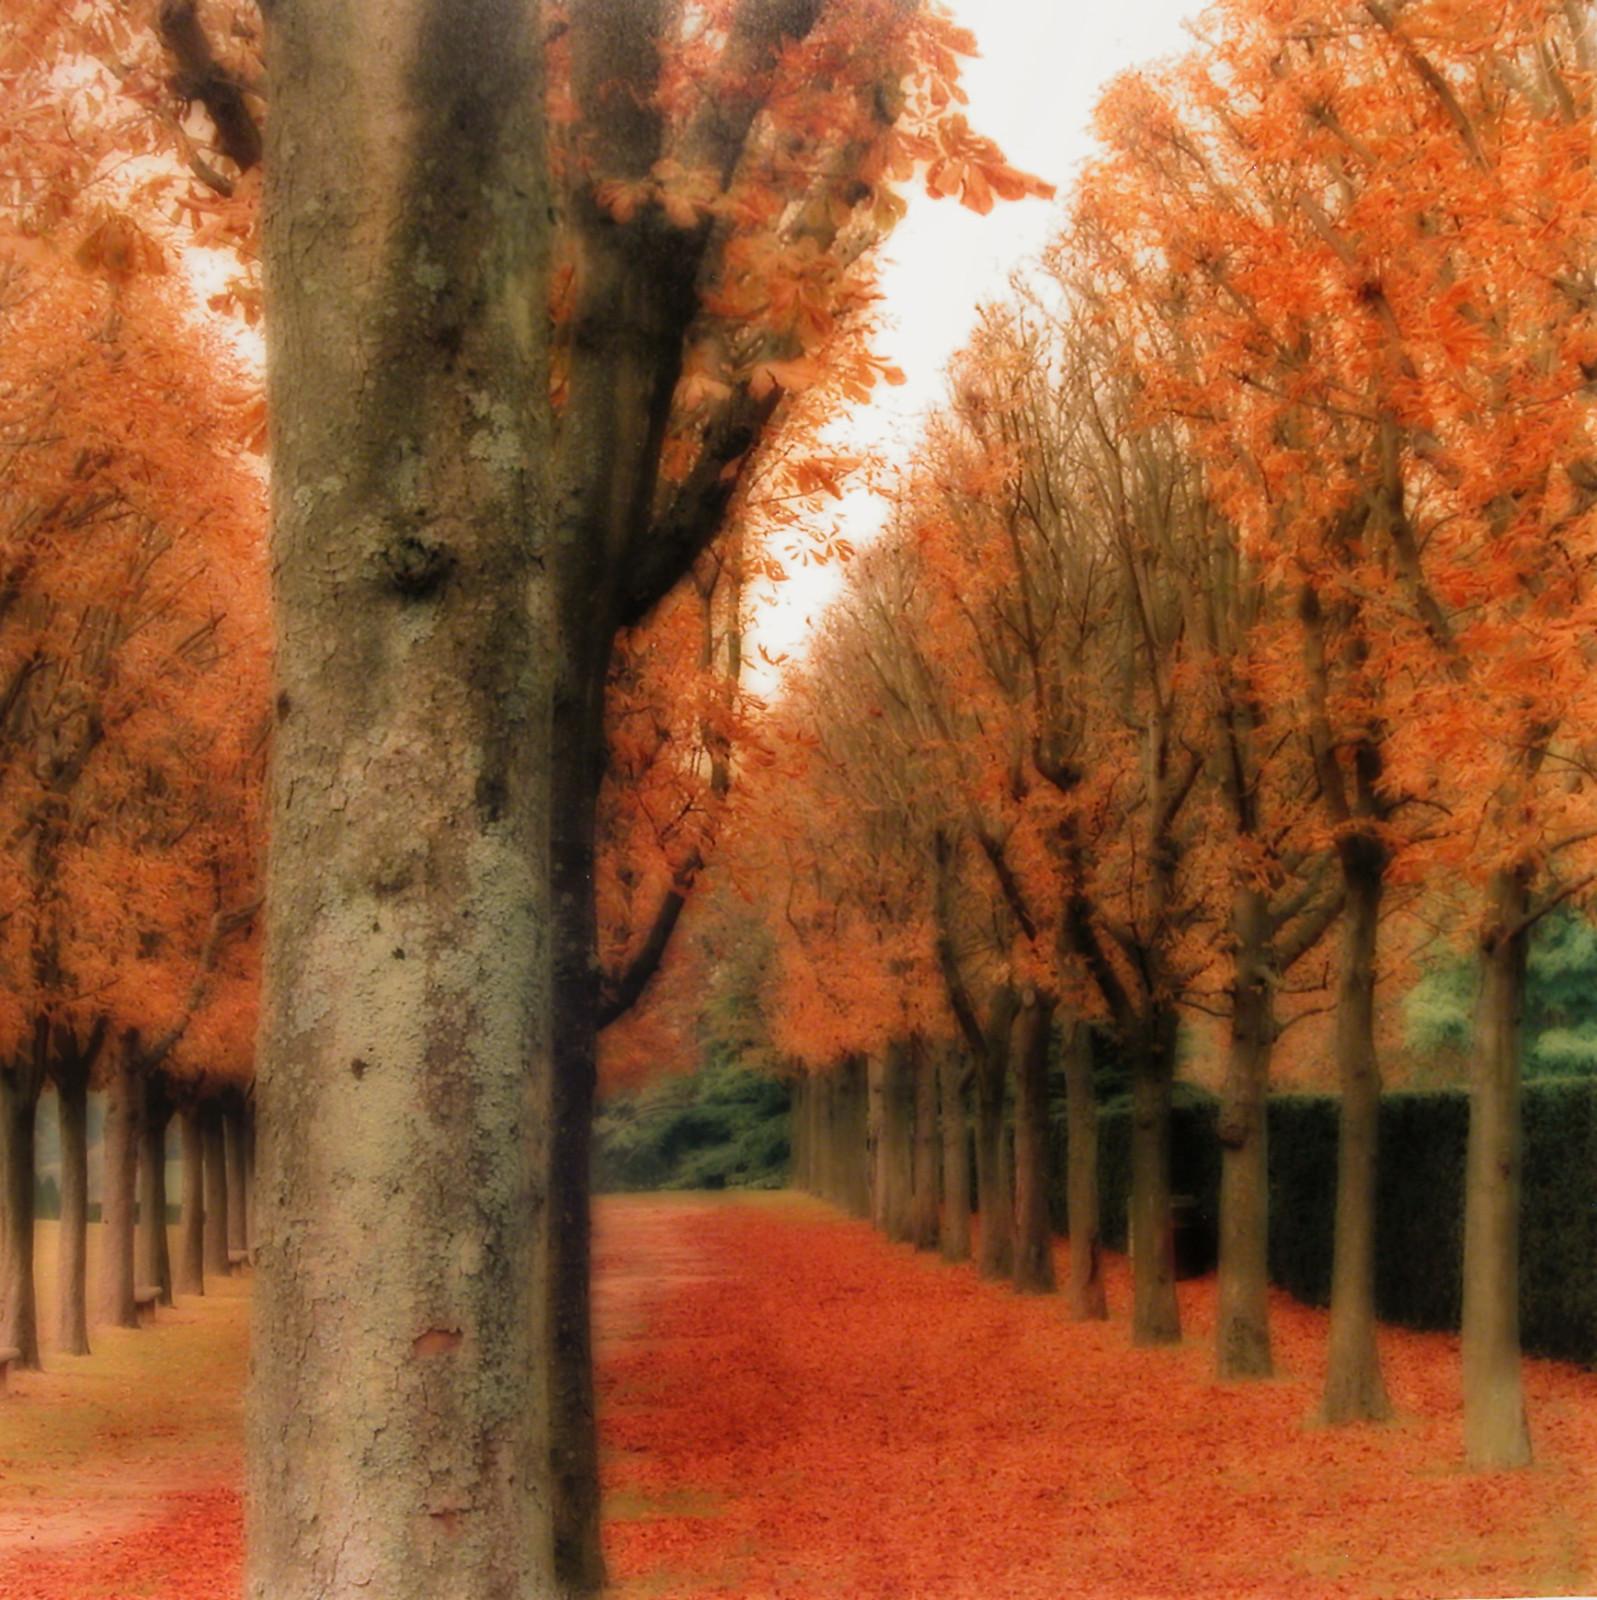 Parc de Sceaux, France (10-08-5c-5), 2008